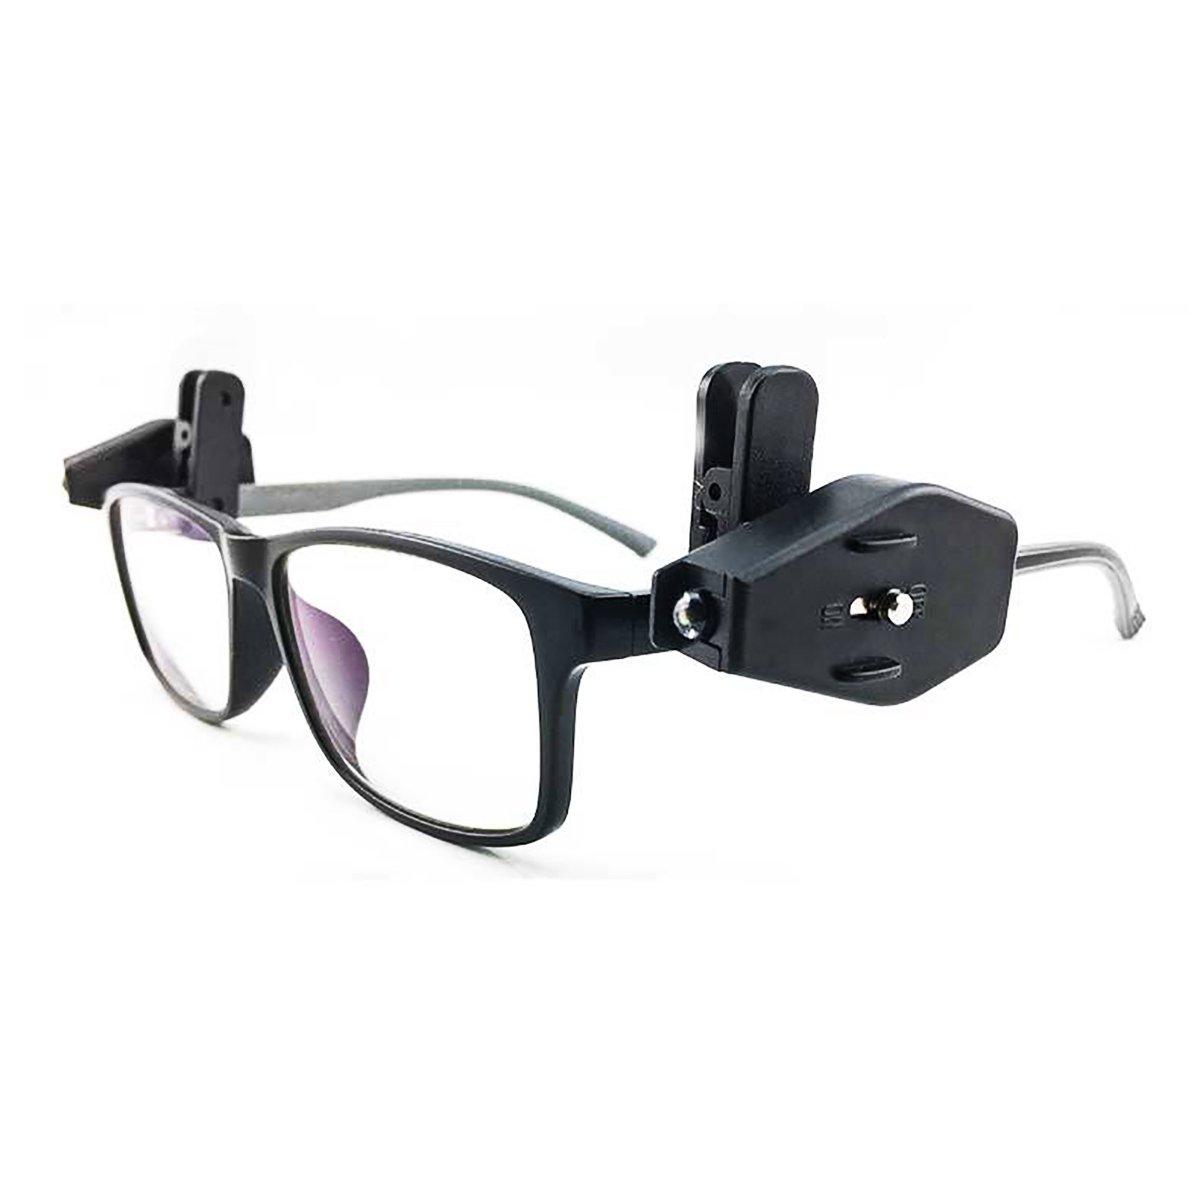 2pcs Mini LED Eyeglass Lectura Luz brillante noche lámpara con clip giratorio para niños ancianos mantenimiento trabajador seguridad gafas camping lector LanQiu